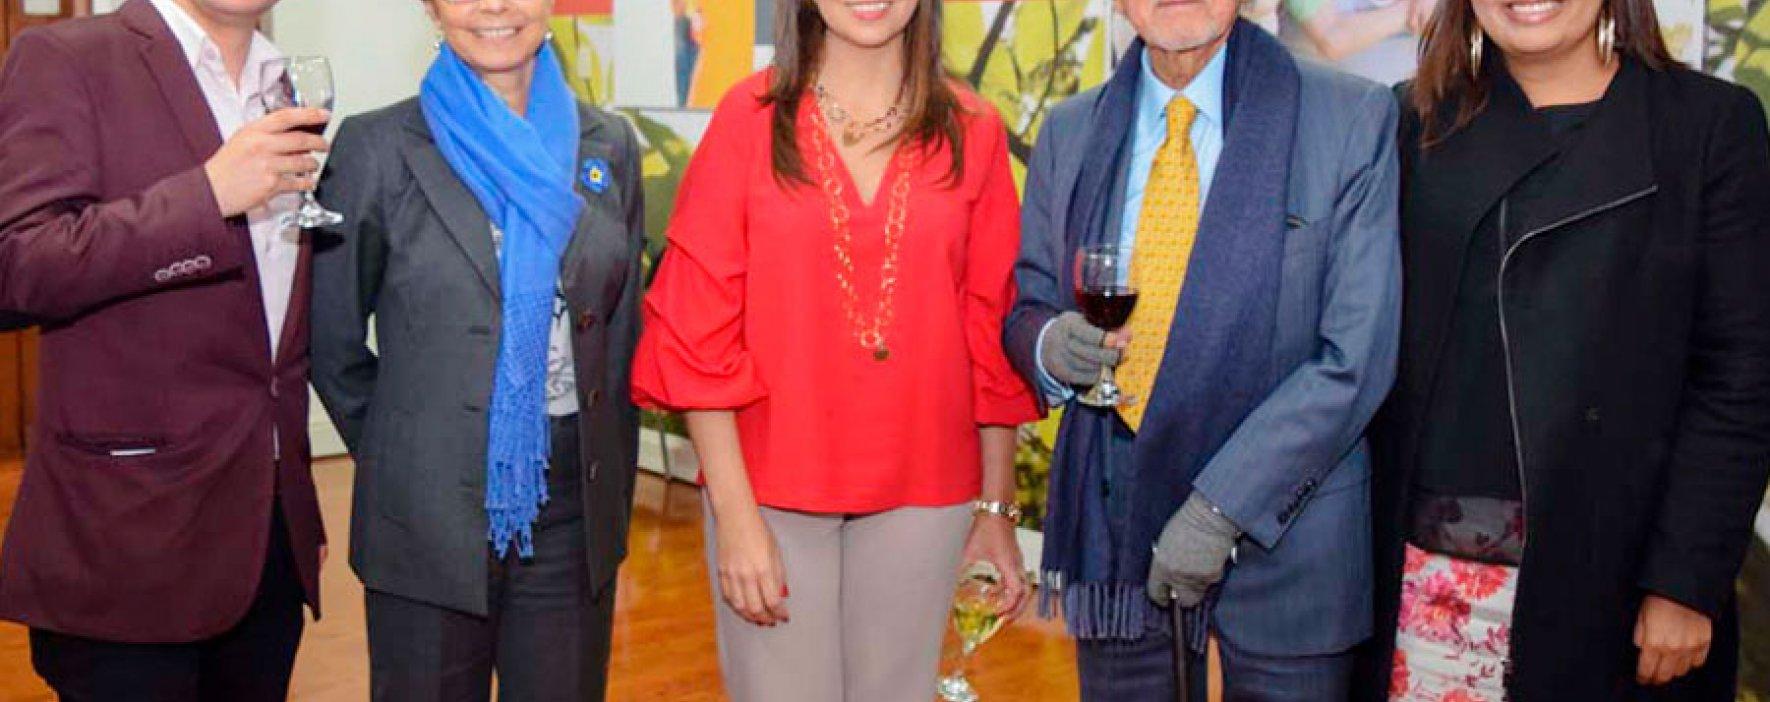 La Fundación Compartir celebró el viaje de Luis Bermúdez al Global Teacher Prize